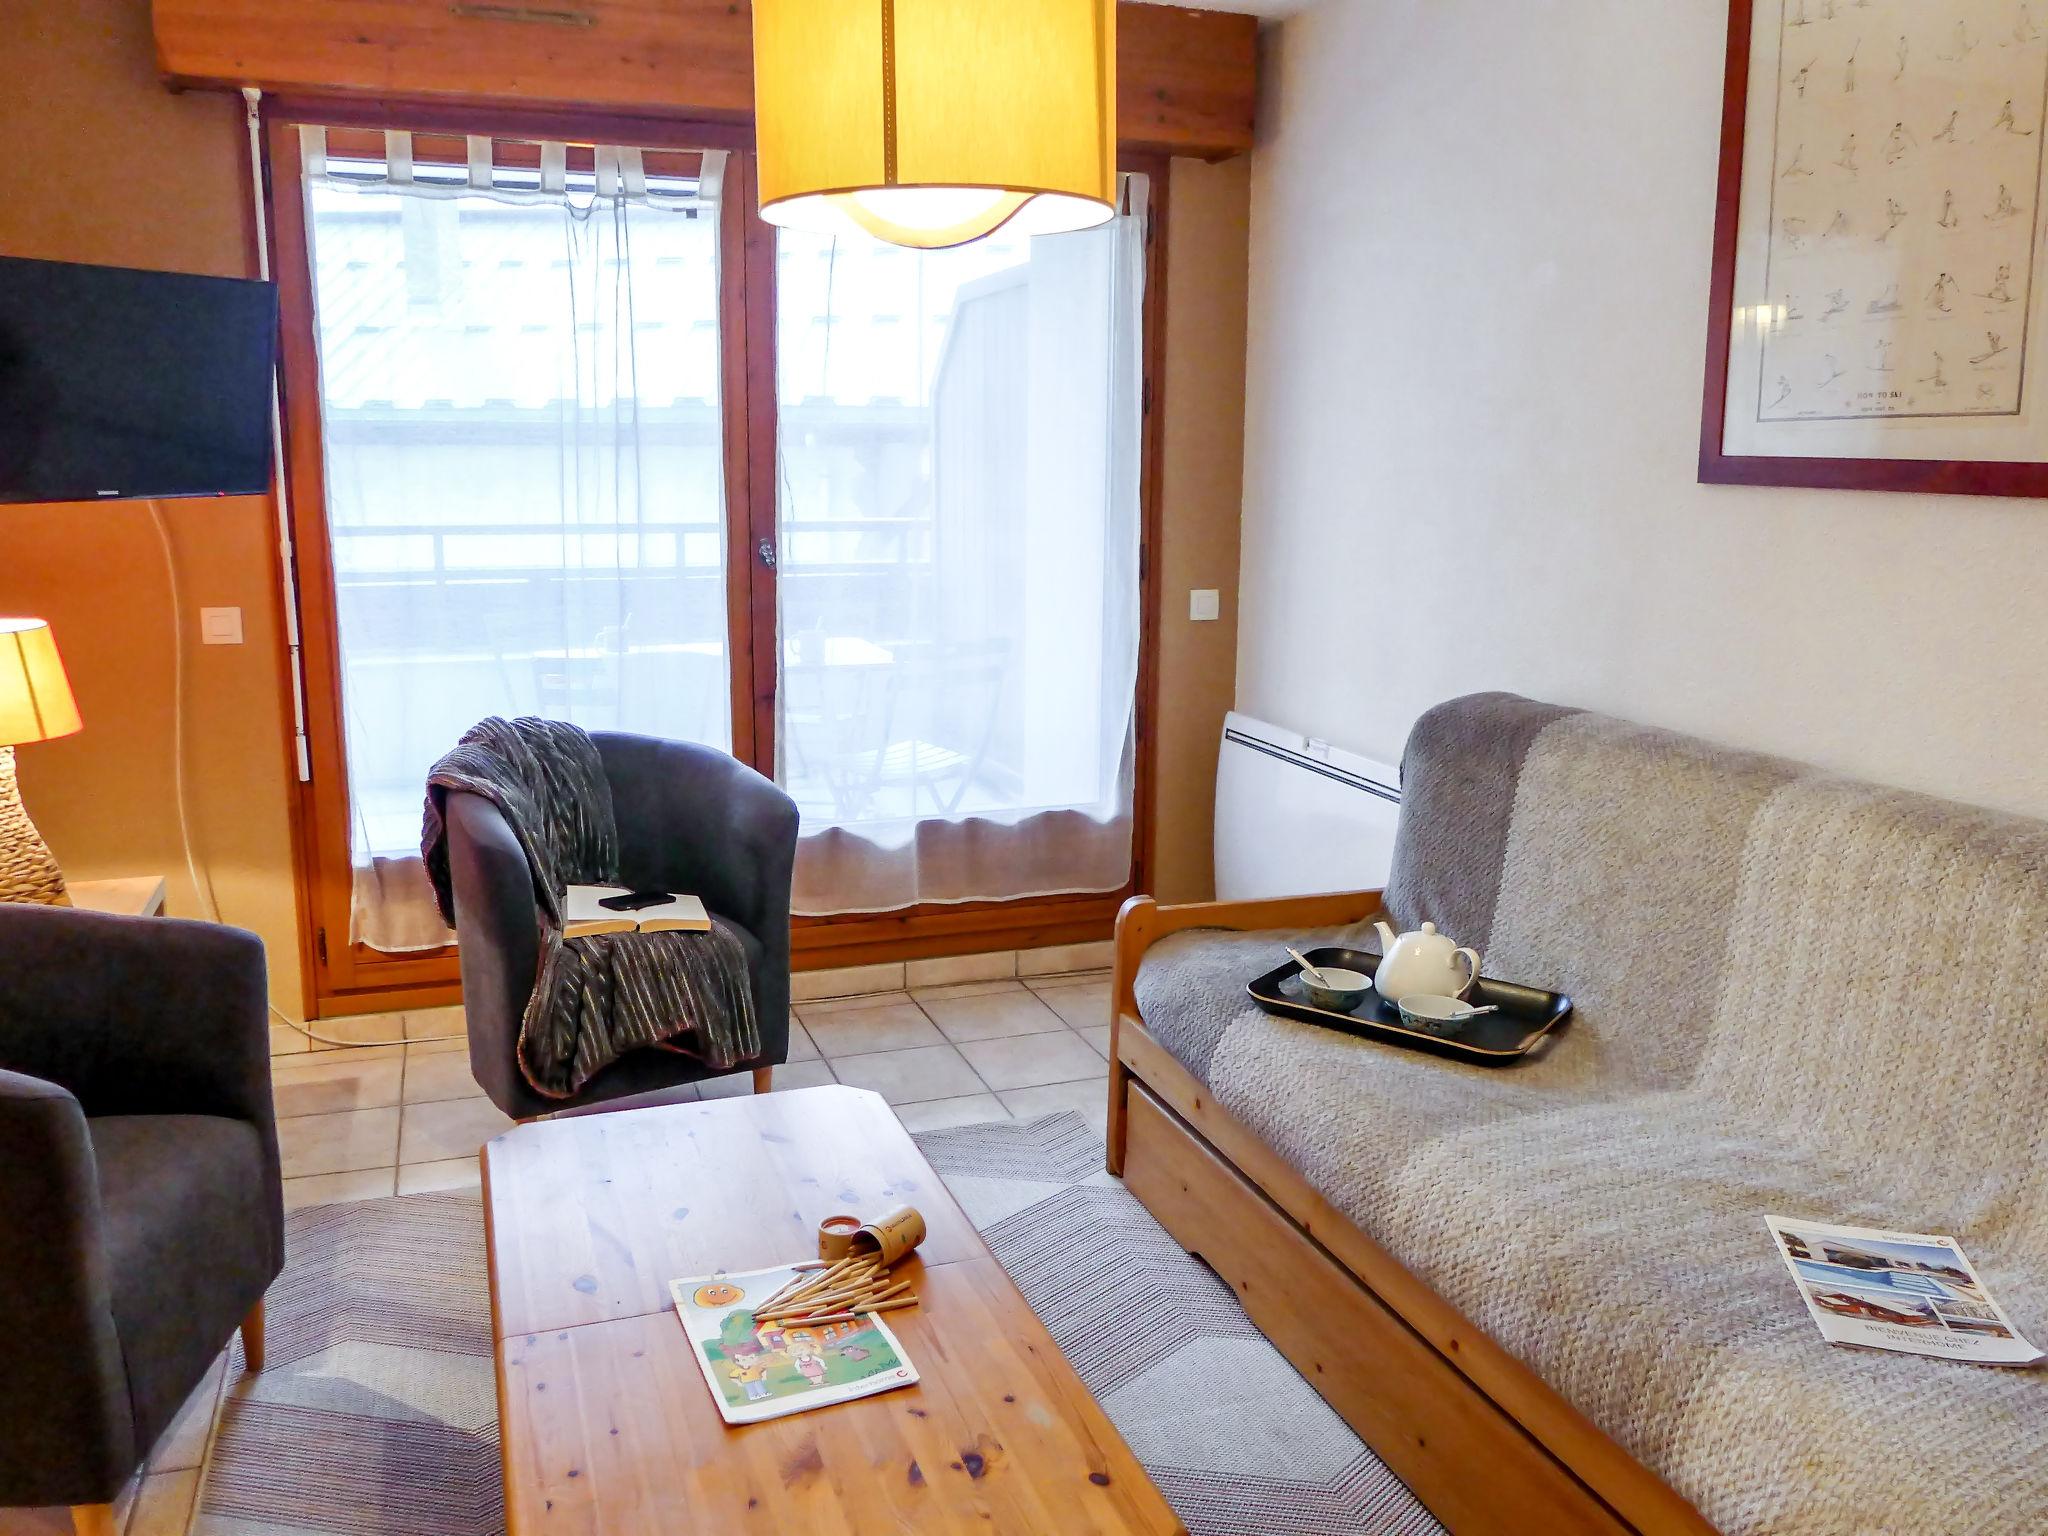 Korting bungalow Haute-Savoie 🏕️Résidence Espace Montagne